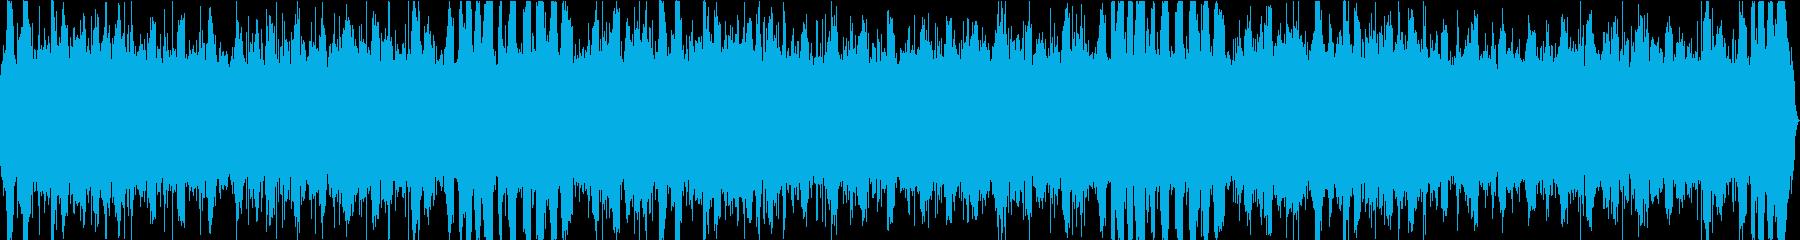 高原の湿原での環境音サンプリングの再生済みの波形